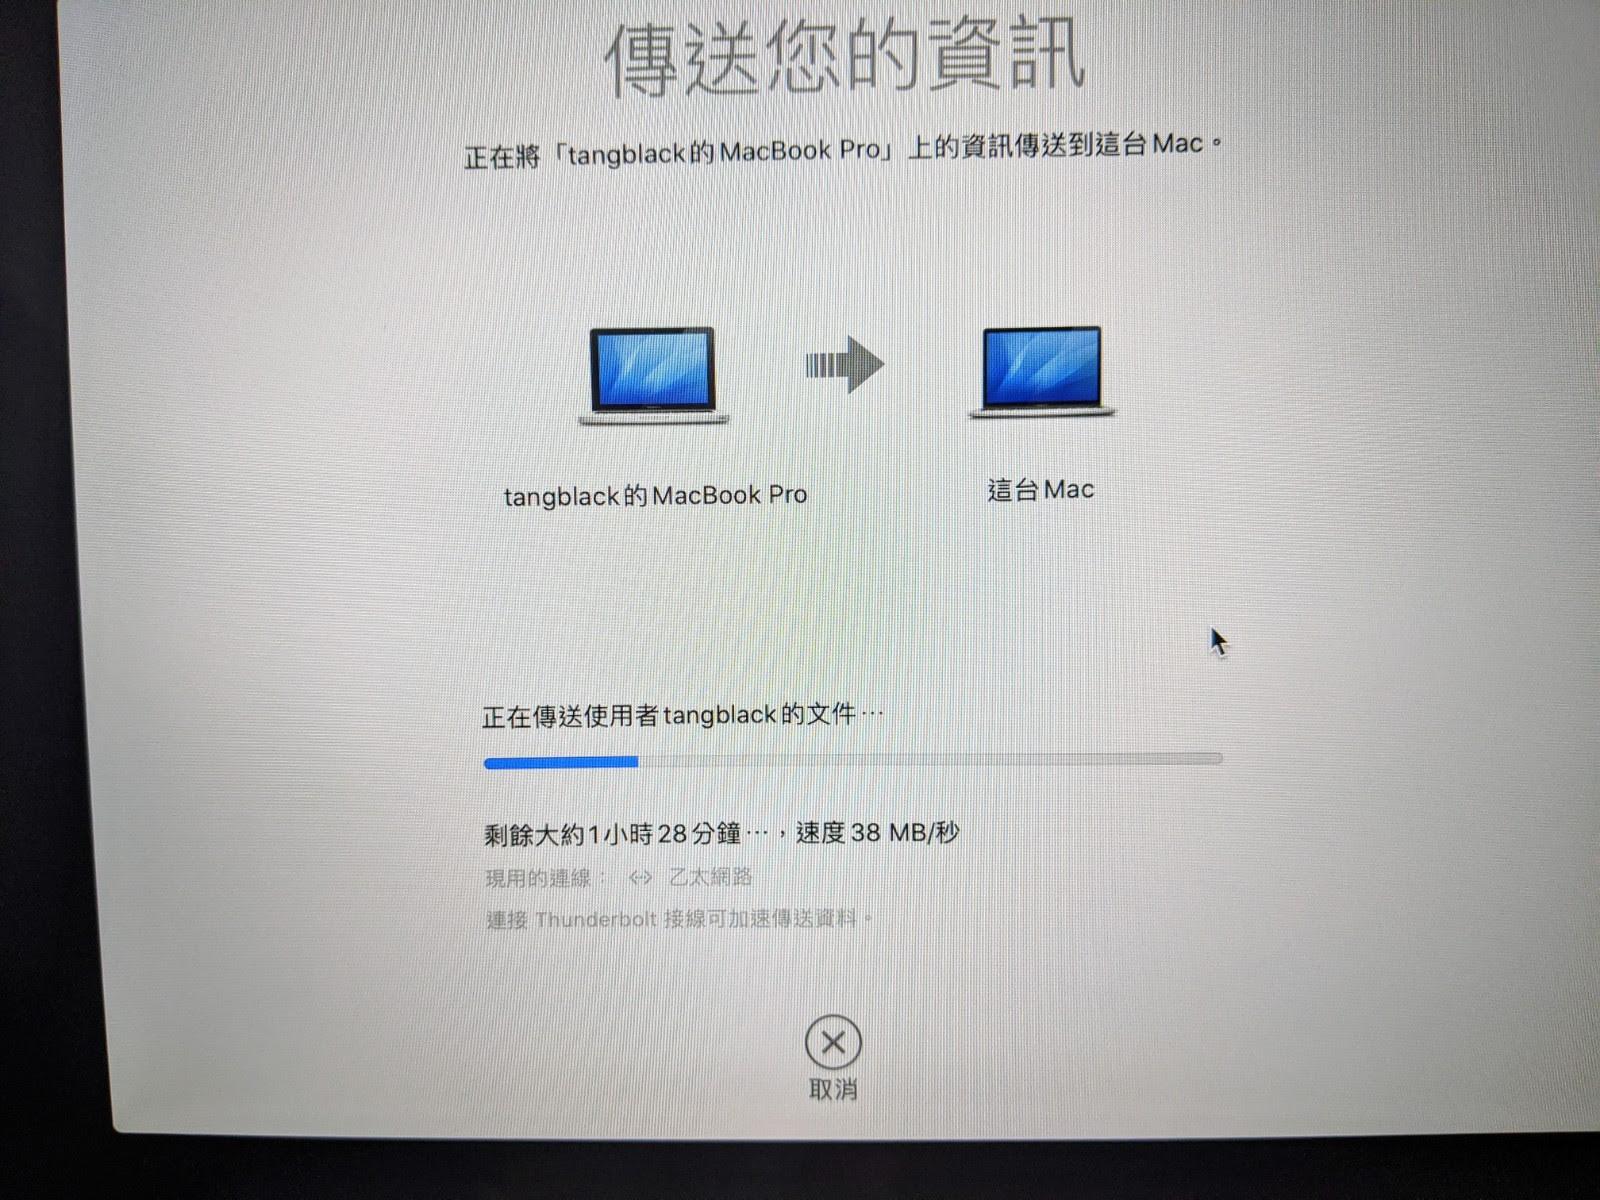 MacBook資料移轉/轉移 @ 乙太網路